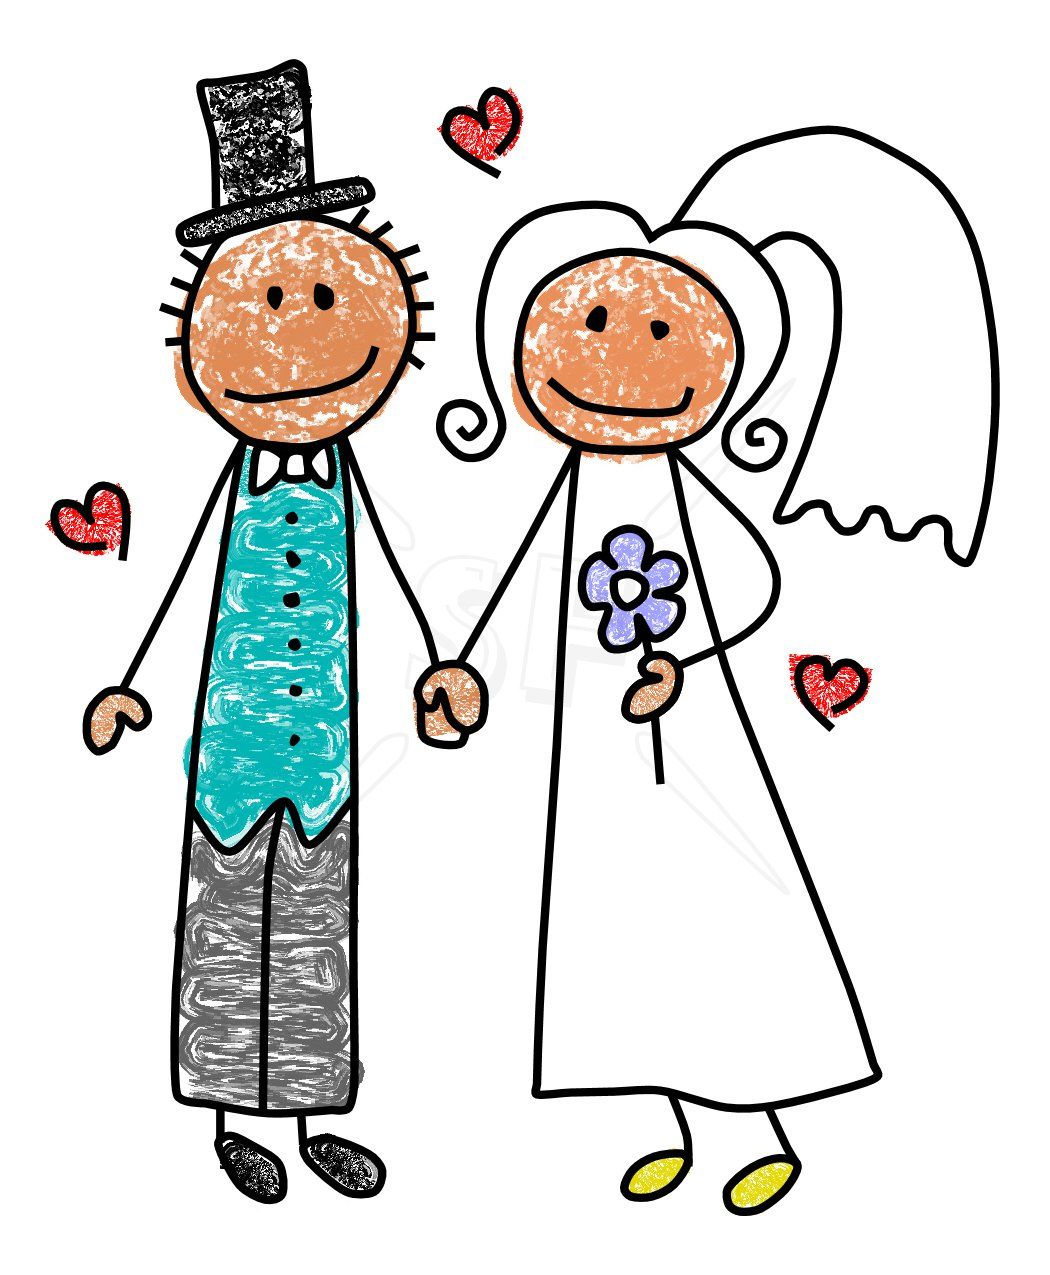 Groom Bride Clipart Hd Postkaarten Bruiloft Thema Trouwen